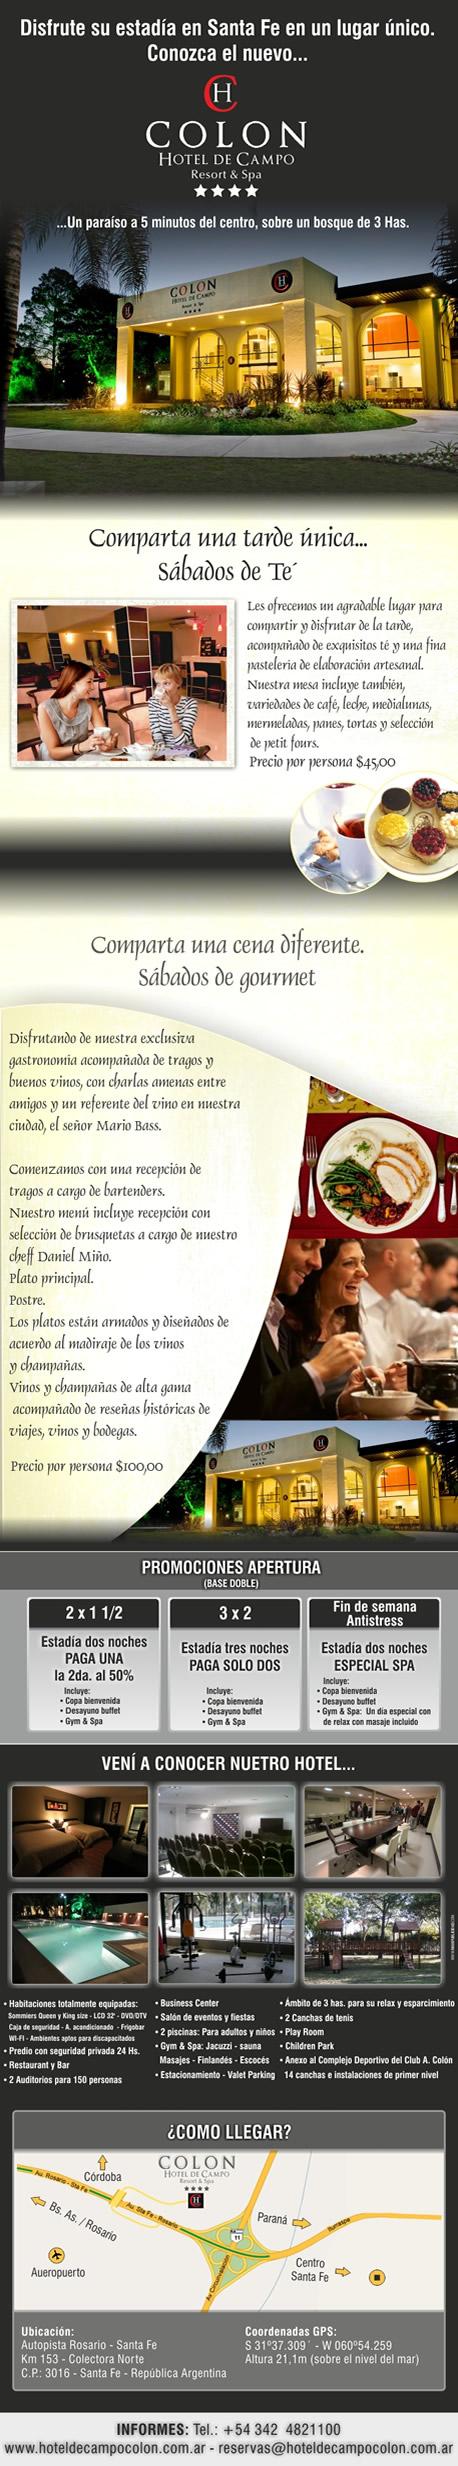 Sábados de té en el Hotel de Campo Colón